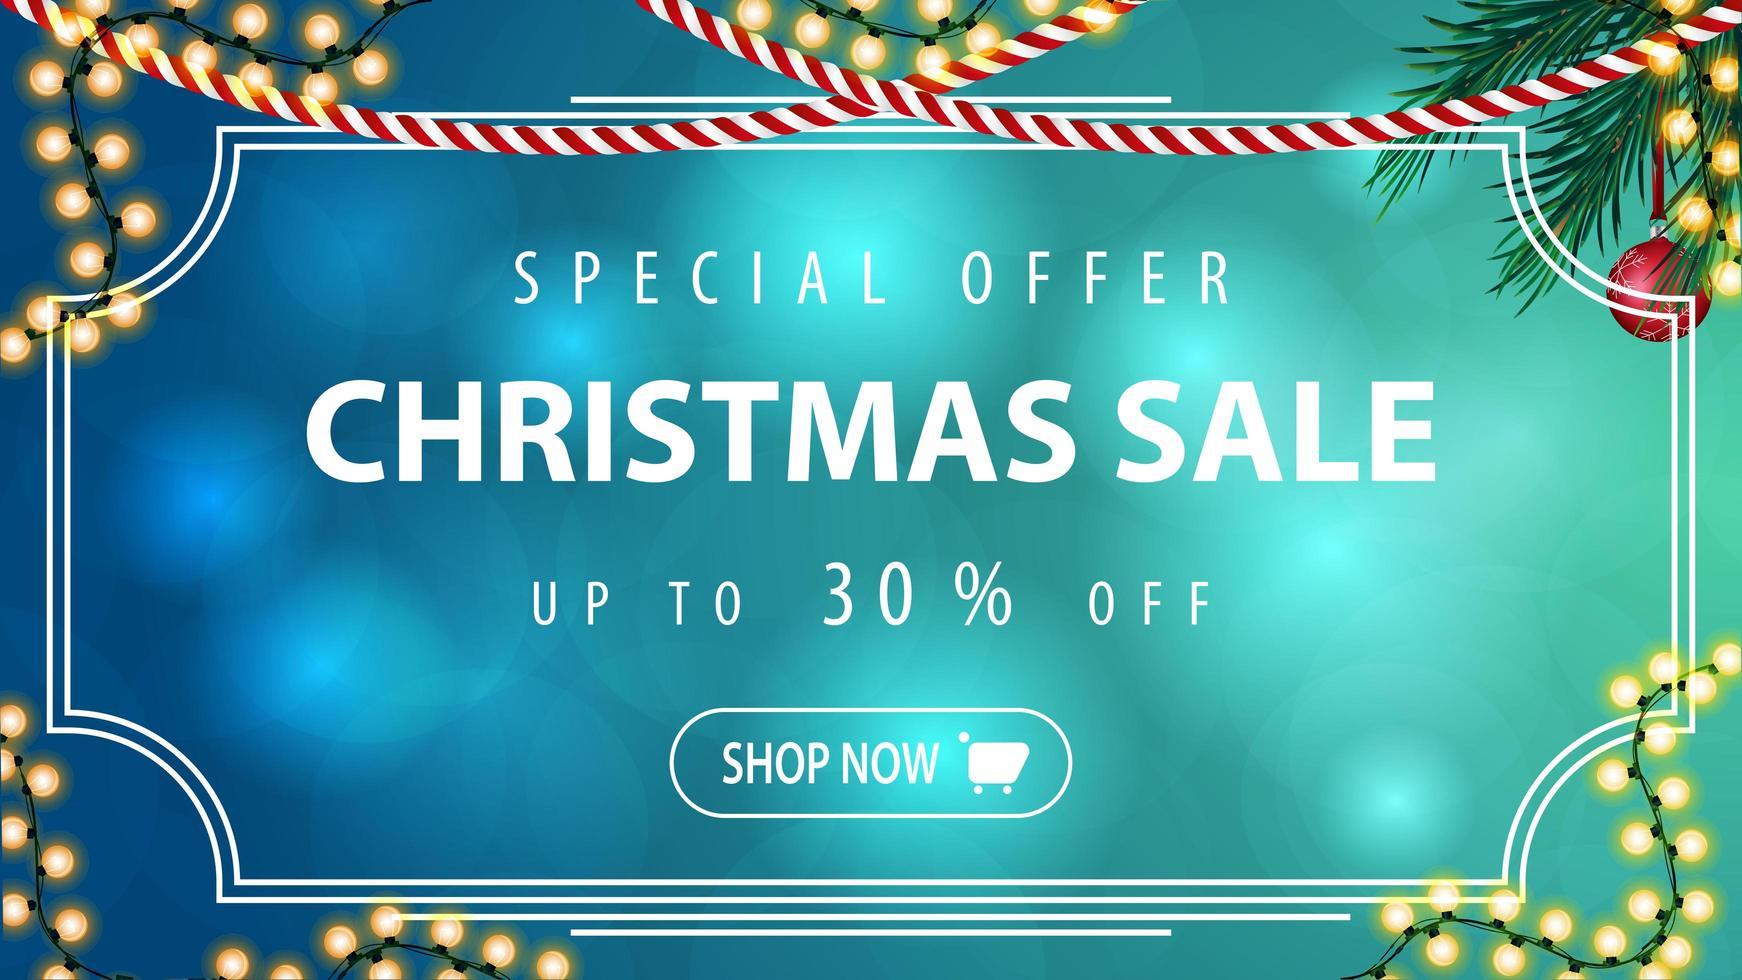 speciale aanbieding, kerstuitverkoop, tot 30 korting, blauwe horizontale kortingsbanner met vintage frame, slinger en kerstboomtak vector